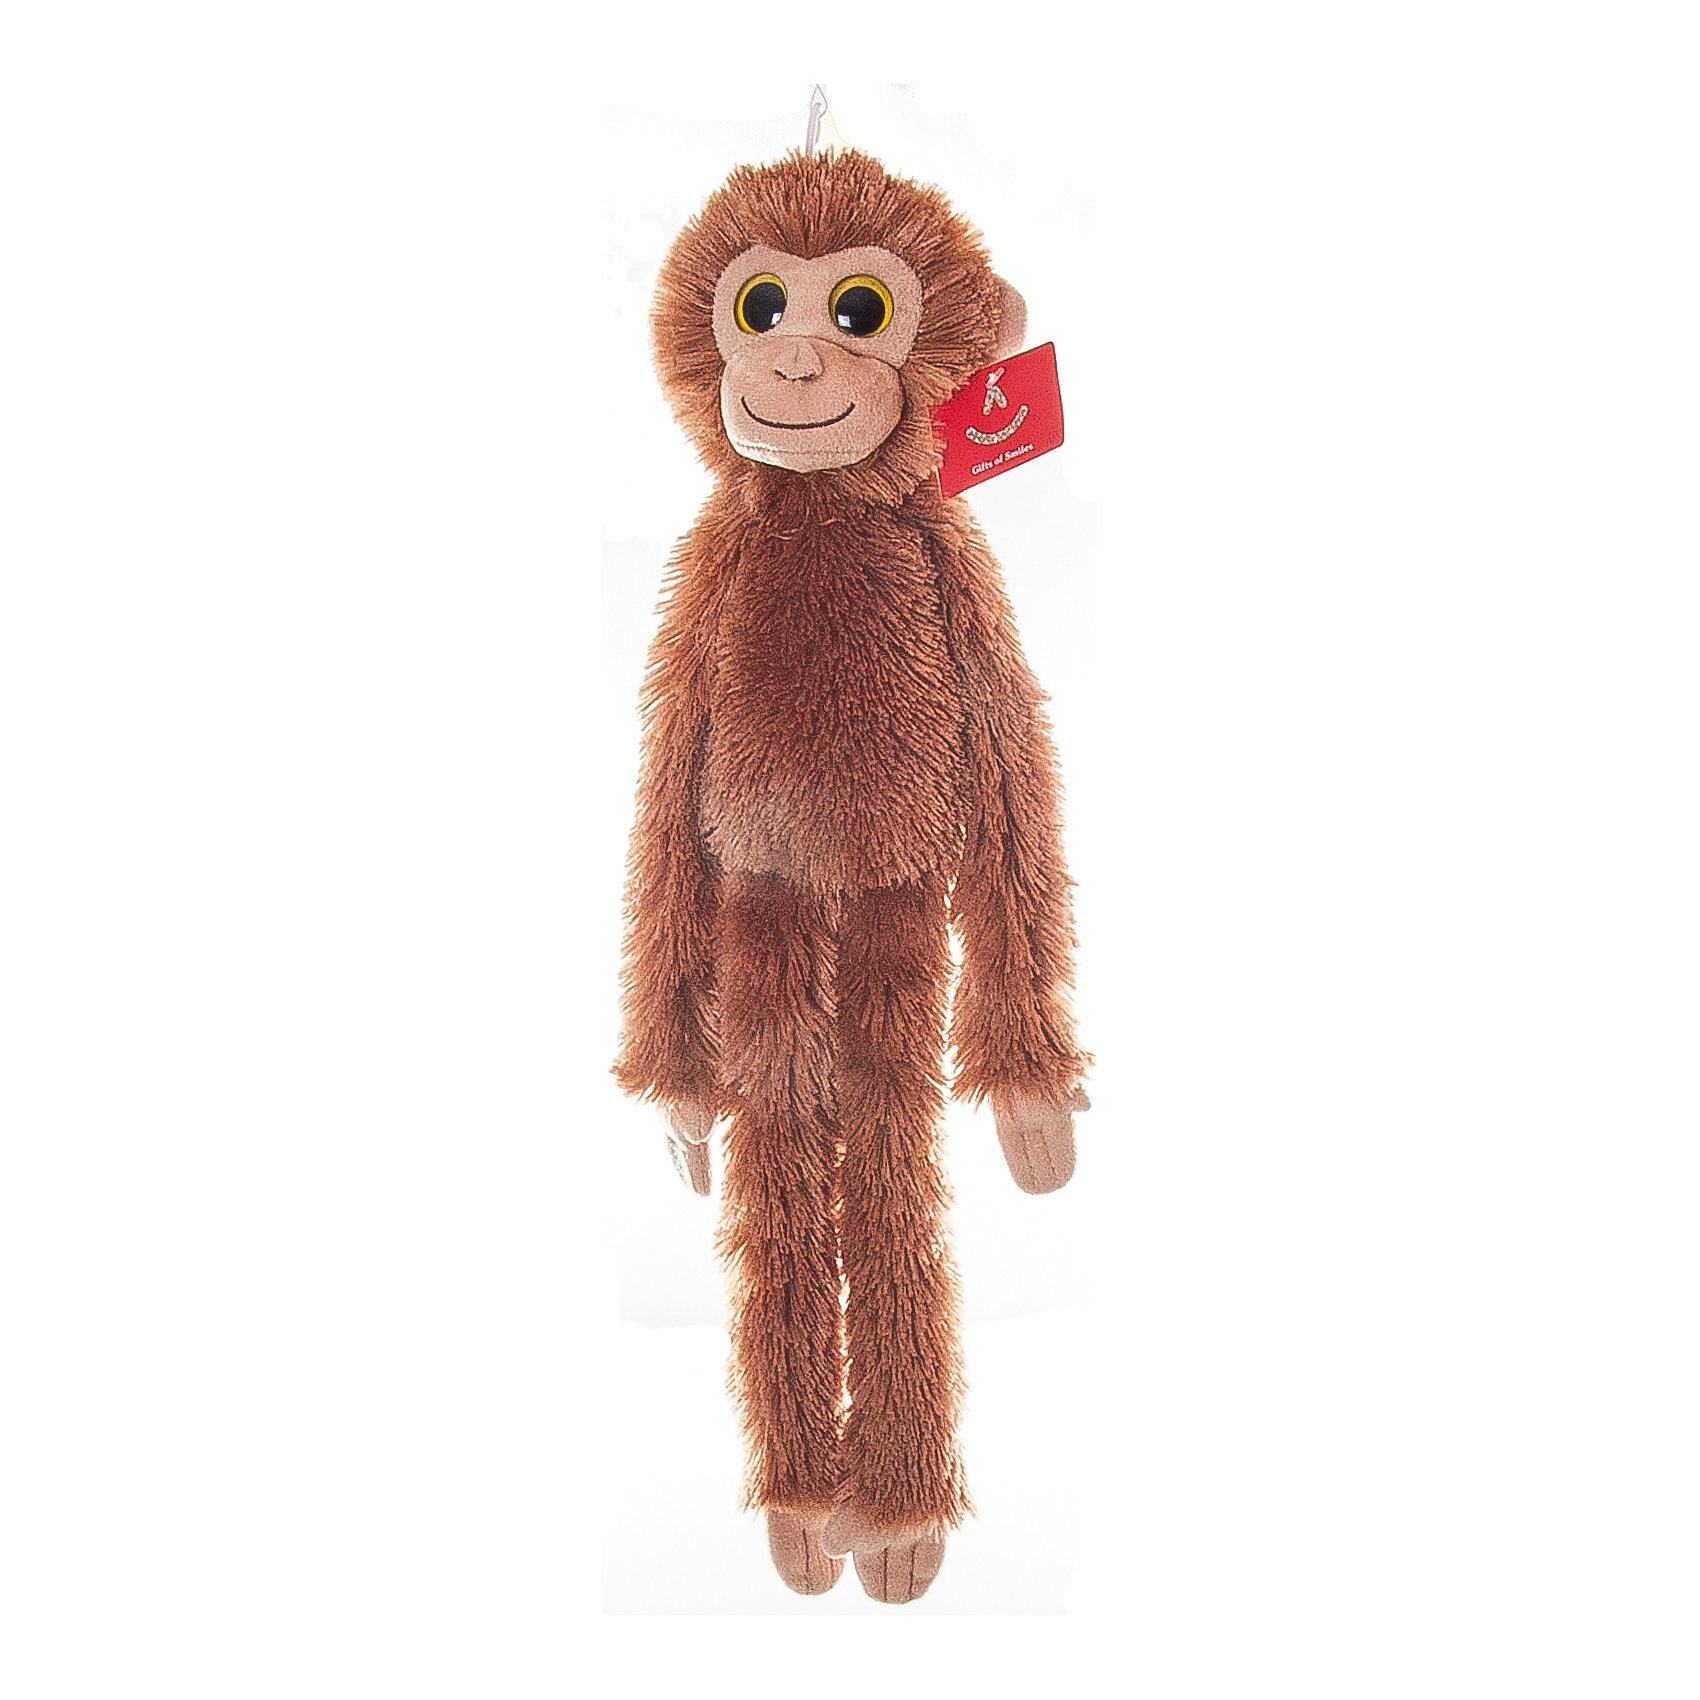 Мягкая игрушка Шимпанзе коричневый, 50 см., AURORAОчаровательная обезьянка с веселой мордочкой и мягкой шёрсткой обязательно понравится малышам. Игрушка сшита из высококачественного гипоаллергенного плюша и безопасна даже для маленьких детей. Она станет отличным новогодним подарком, ведь 2016 год будет годом «обезьяны». <br><br>Дополнительная информация:<br><br>- Материал: мех, пластик, синтепон.<br>- Размер: 50 см.<br><br>Мягкую игрушку Шимпанзе оранжевого 50 см., AURORA (Аврора) можно купить в нашем магазине.<br><br>Ширина мм: 100<br>Глубина мм: 300<br>Высота мм: 100<br>Вес г: 148<br>Возраст от месяцев: 36<br>Возраст до месяцев: 192<br>Пол: Унисекс<br>Возраст: Детский<br>SKU: 4251471